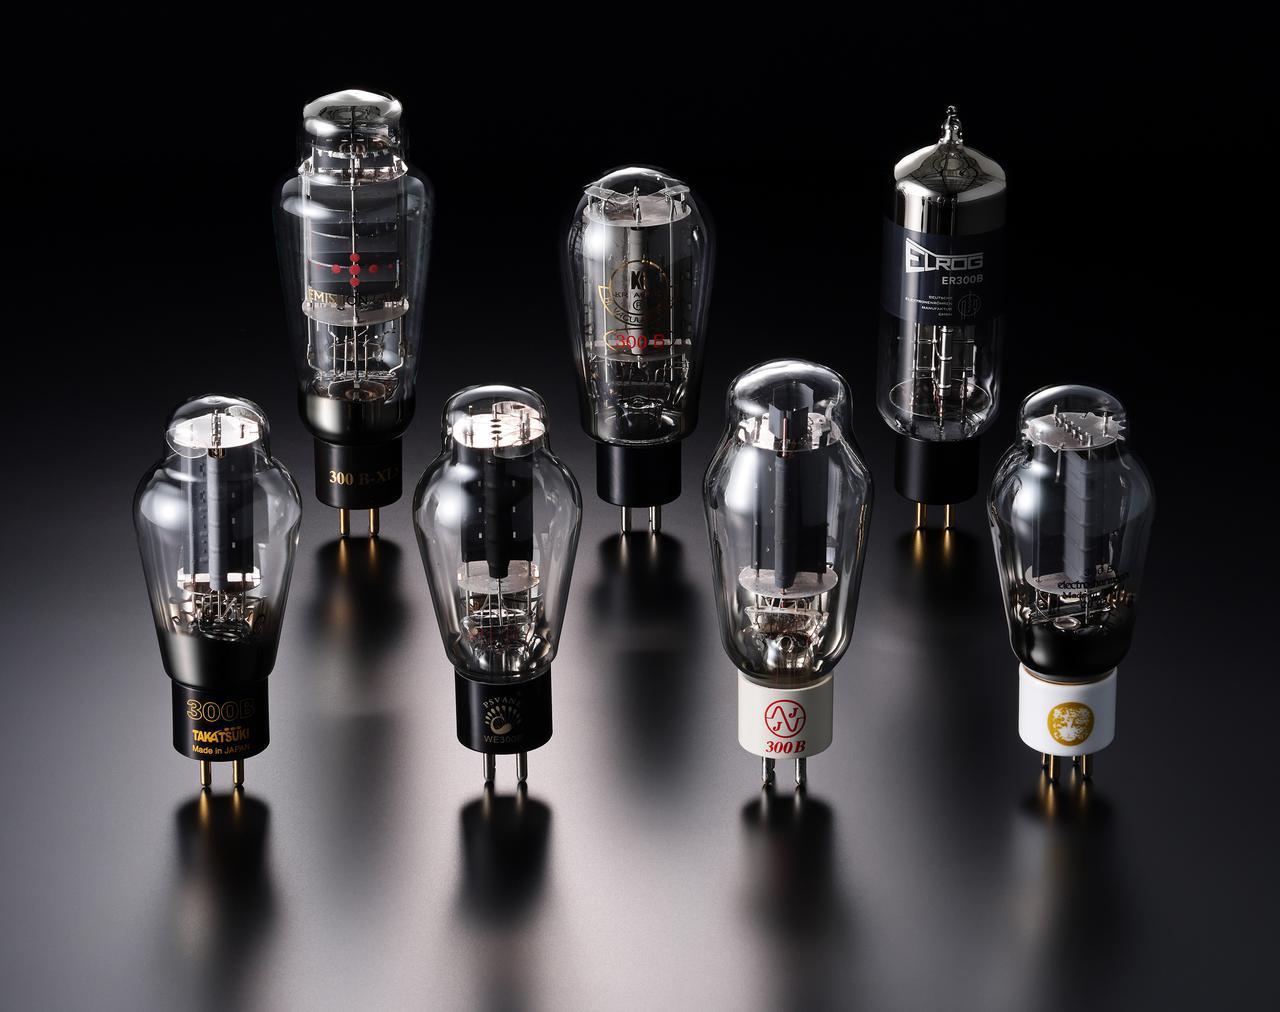 画像: 「実験工房」は「300B現行管の真価を探る 新旧18種聴き比べ」です。当代随一の人気を誇る300B真空管を、定評ある300Bシングルアンプを使って差し替え試聴します。現行管16種と米国ウェスタン・エレクトリックのオリジナル管などヴィンテージ管、計18種の試聴です。テスターは新 忠篤氏、真空管研究家の岡田 章氏、秋葉原の専門店に所属され管球式アンプの設計やメインテナンスで多くのノウハウを持つ児玉眞一郎氏の3氏です。